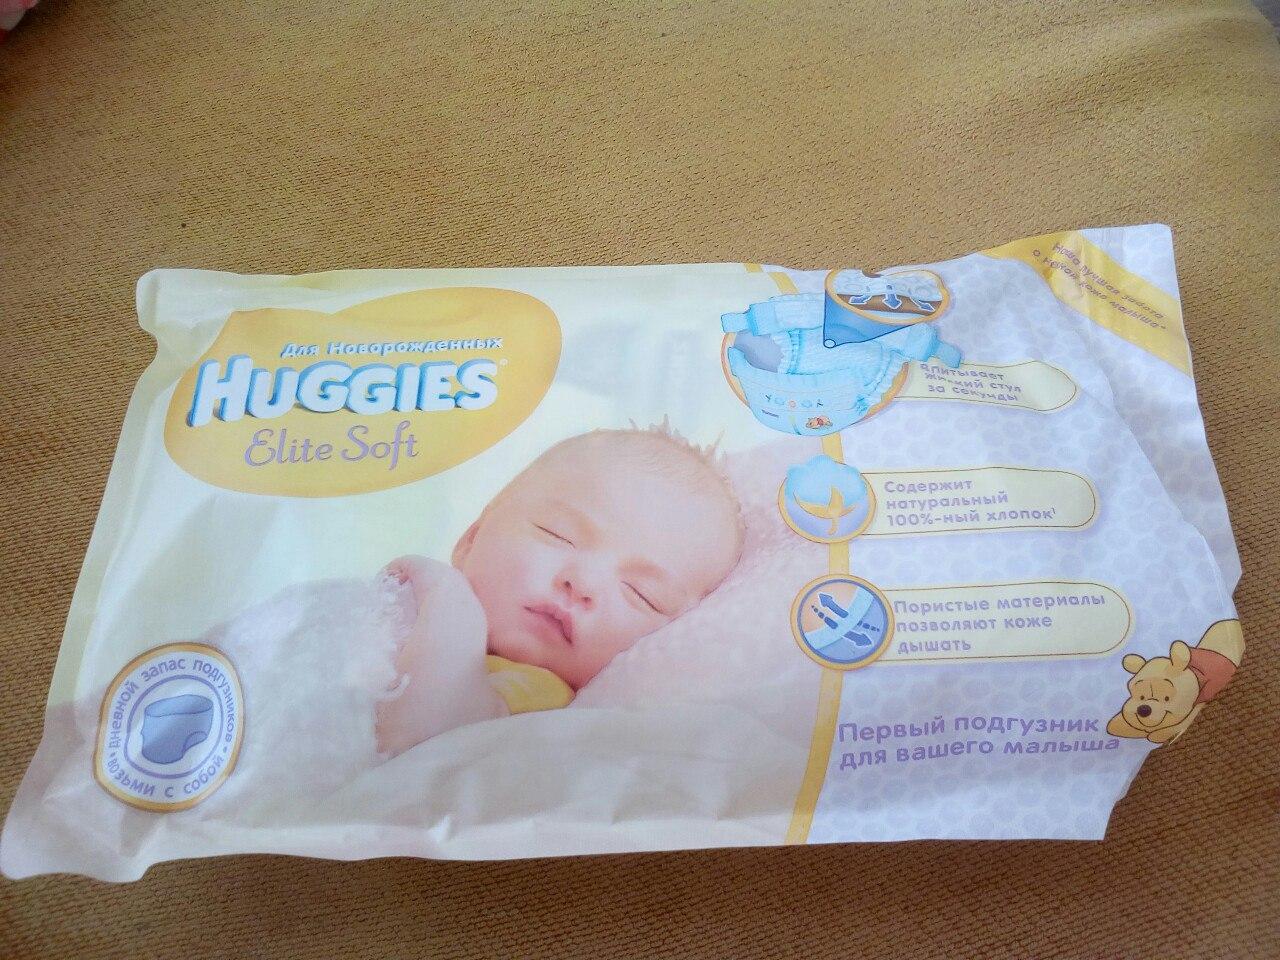 Дышащие подгузники-бережная защита вашего малыша.